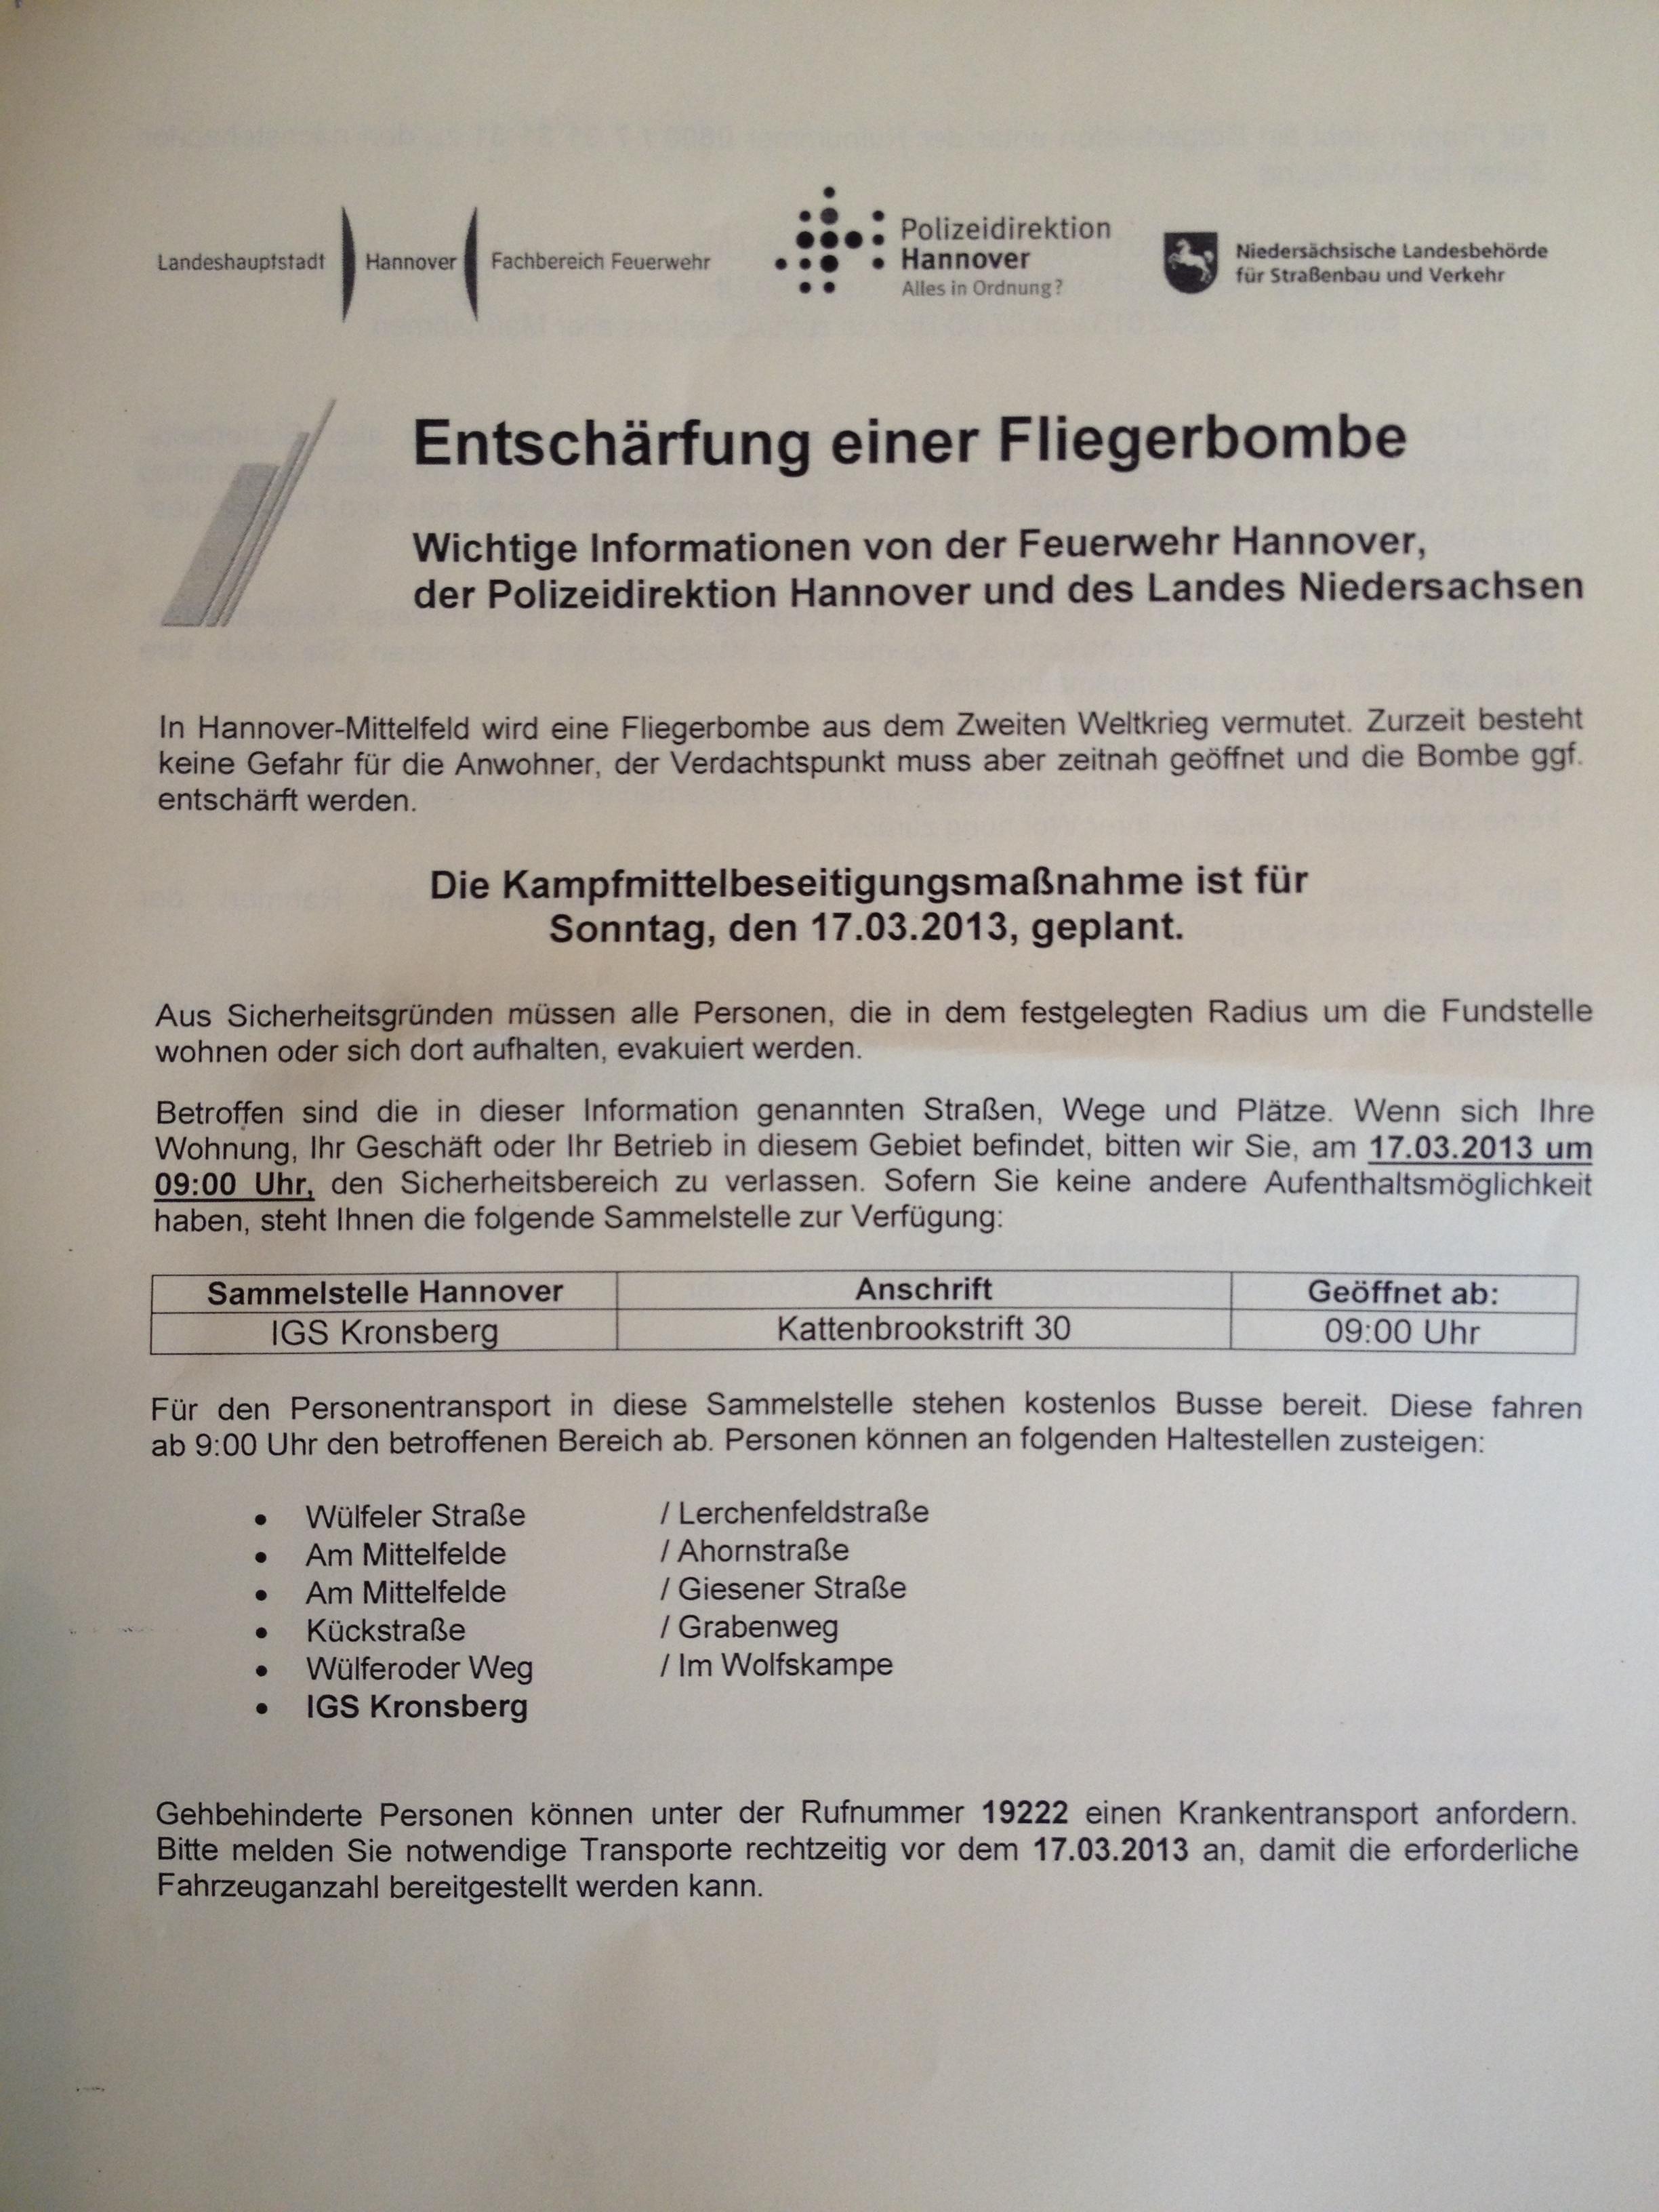 Hannover: Fliegerbombe in Mittelfeld wird am 17. März entschärft